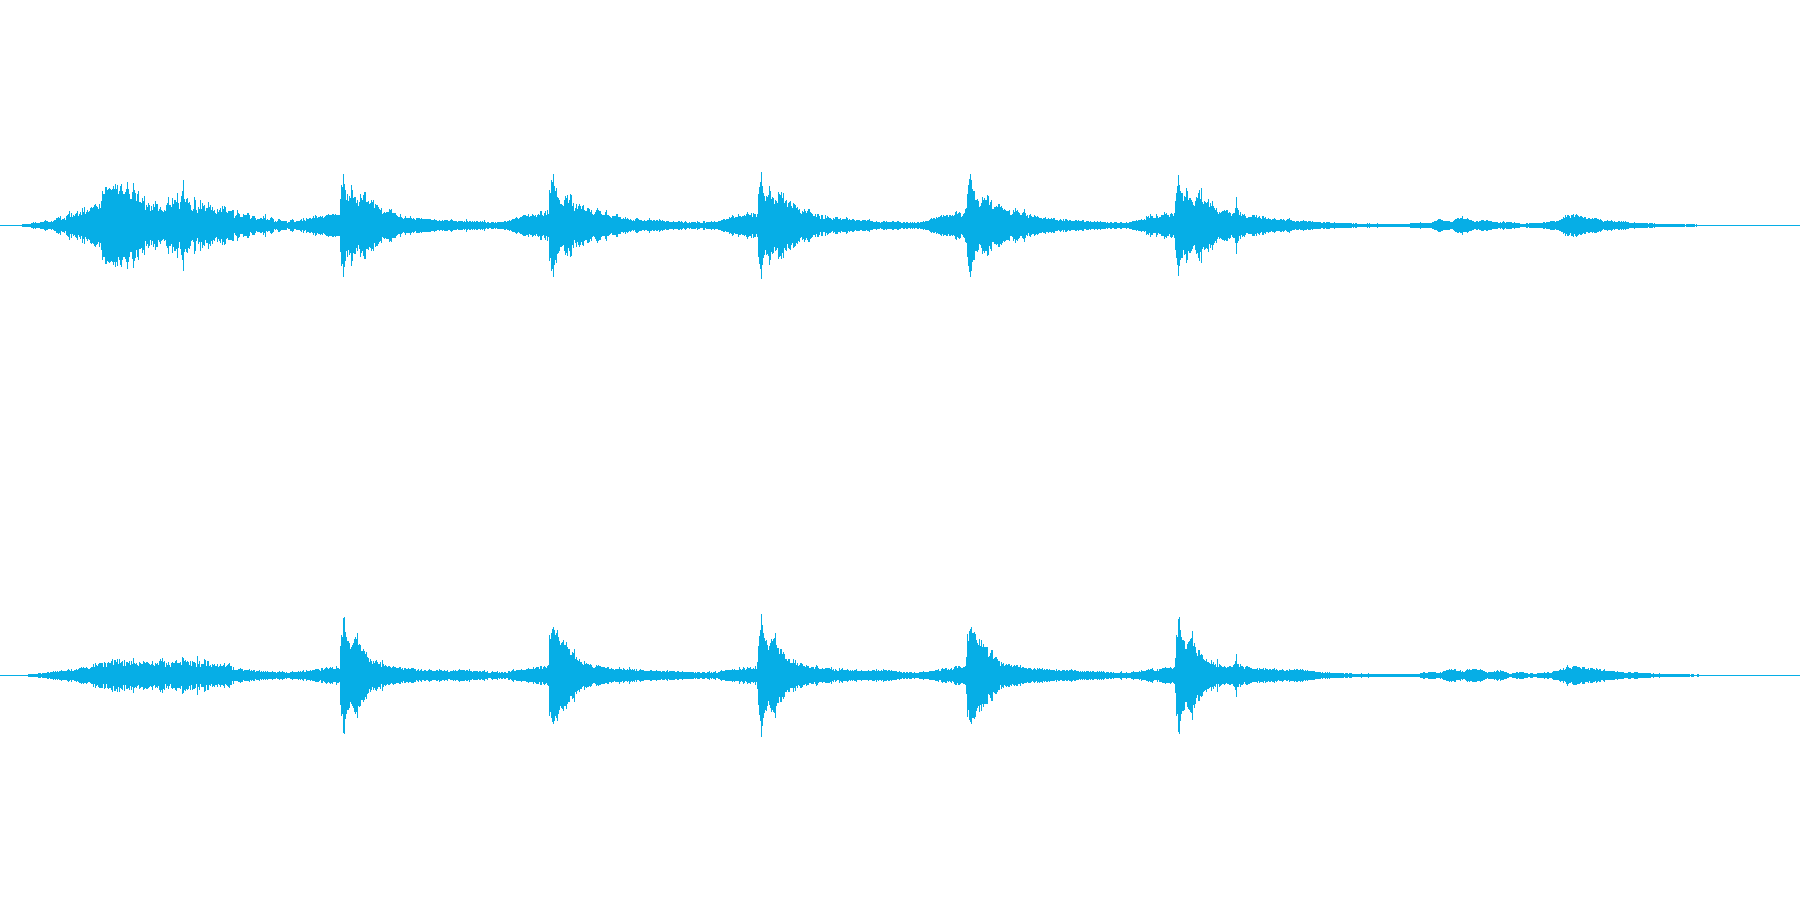 ミステリー、サスペンス向き楽曲。ミステ…の再生済みの波形